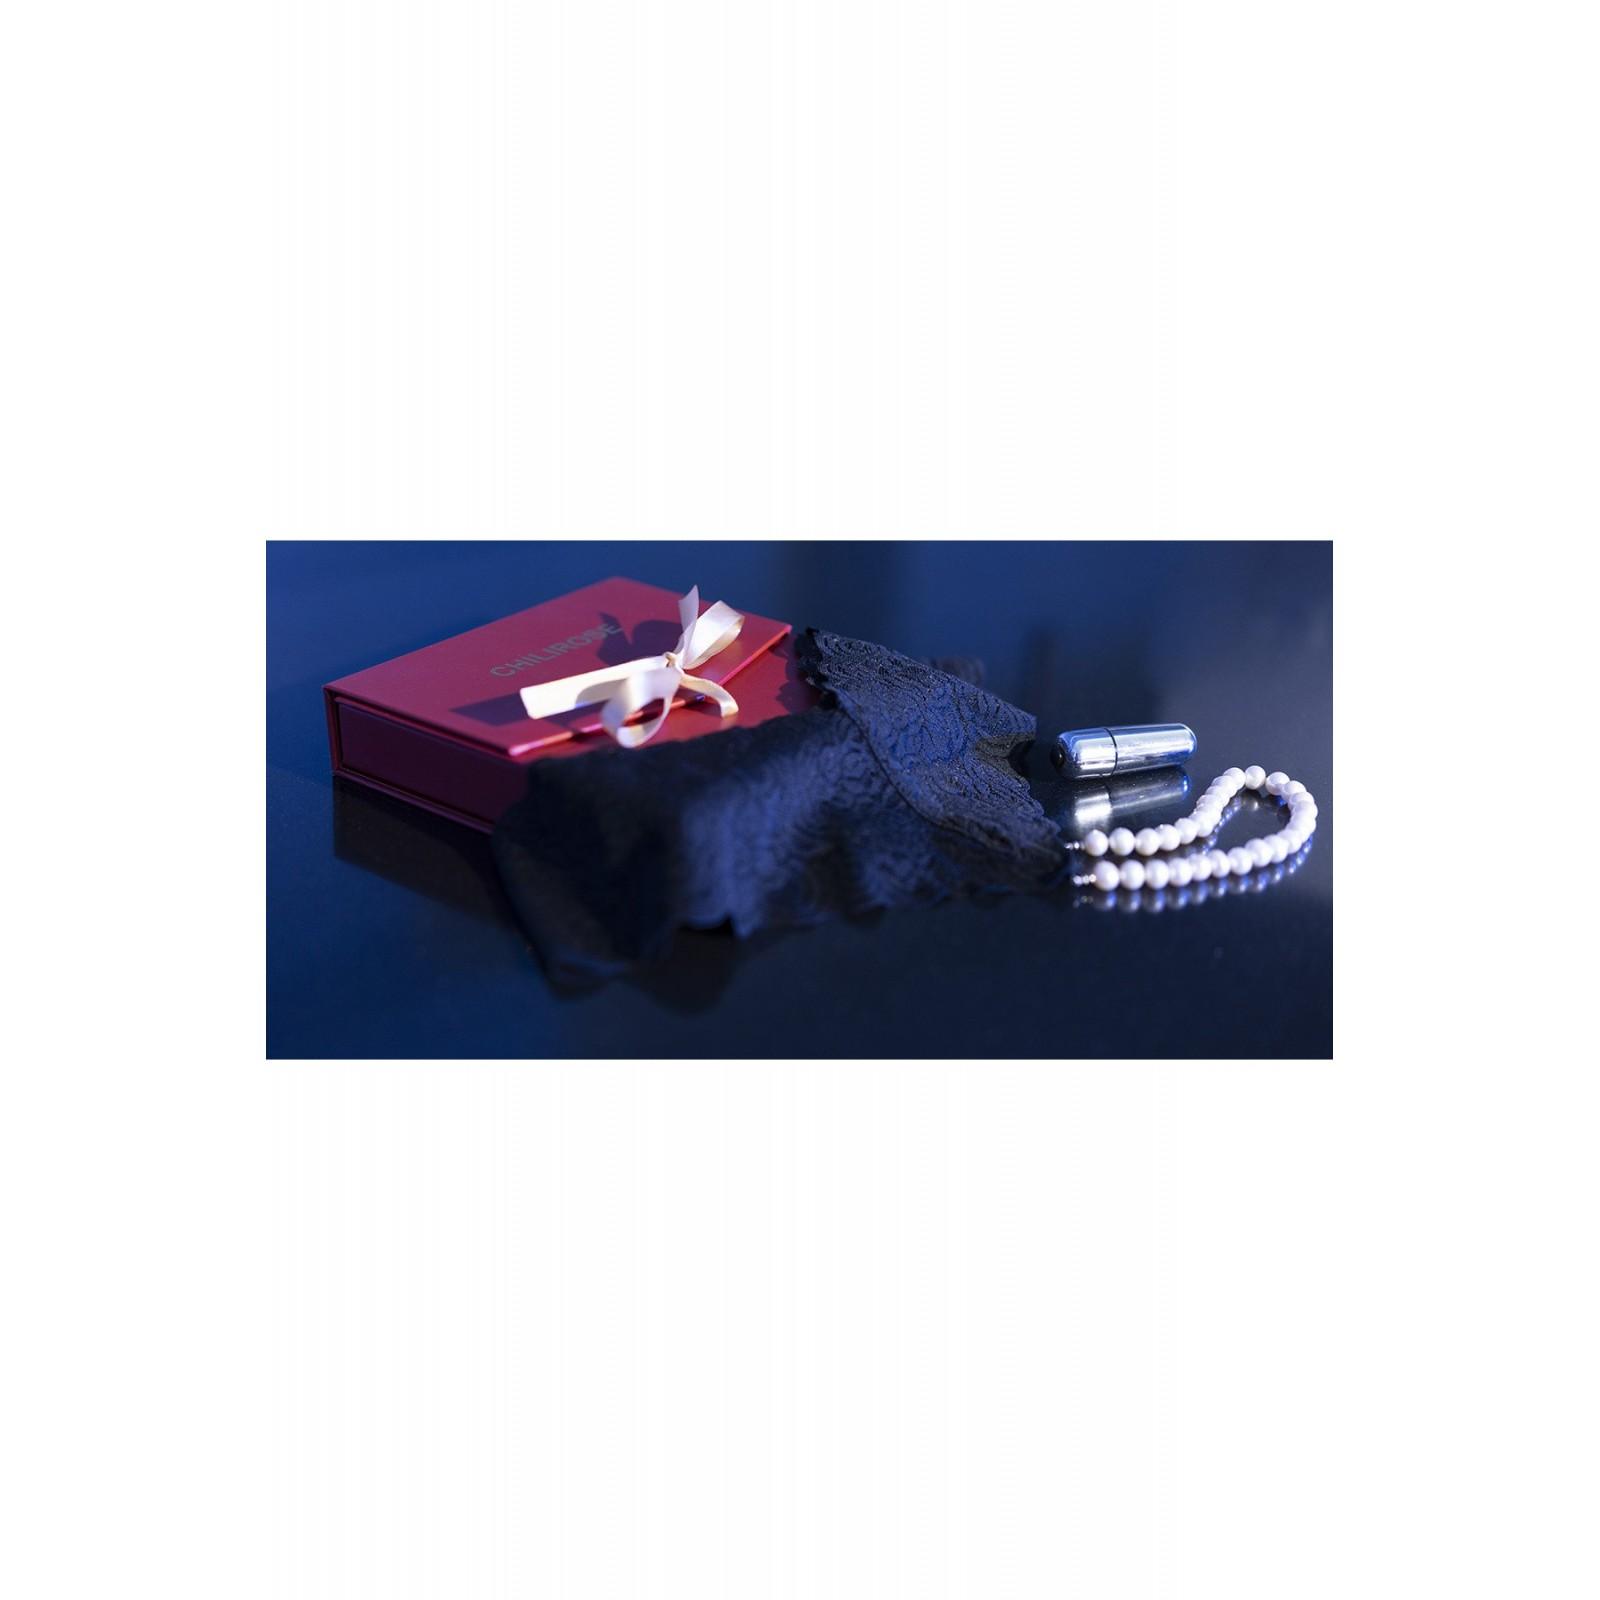 Perlenstring schwarz + Minivibrator CR4395 - 3 - Vorschaubild